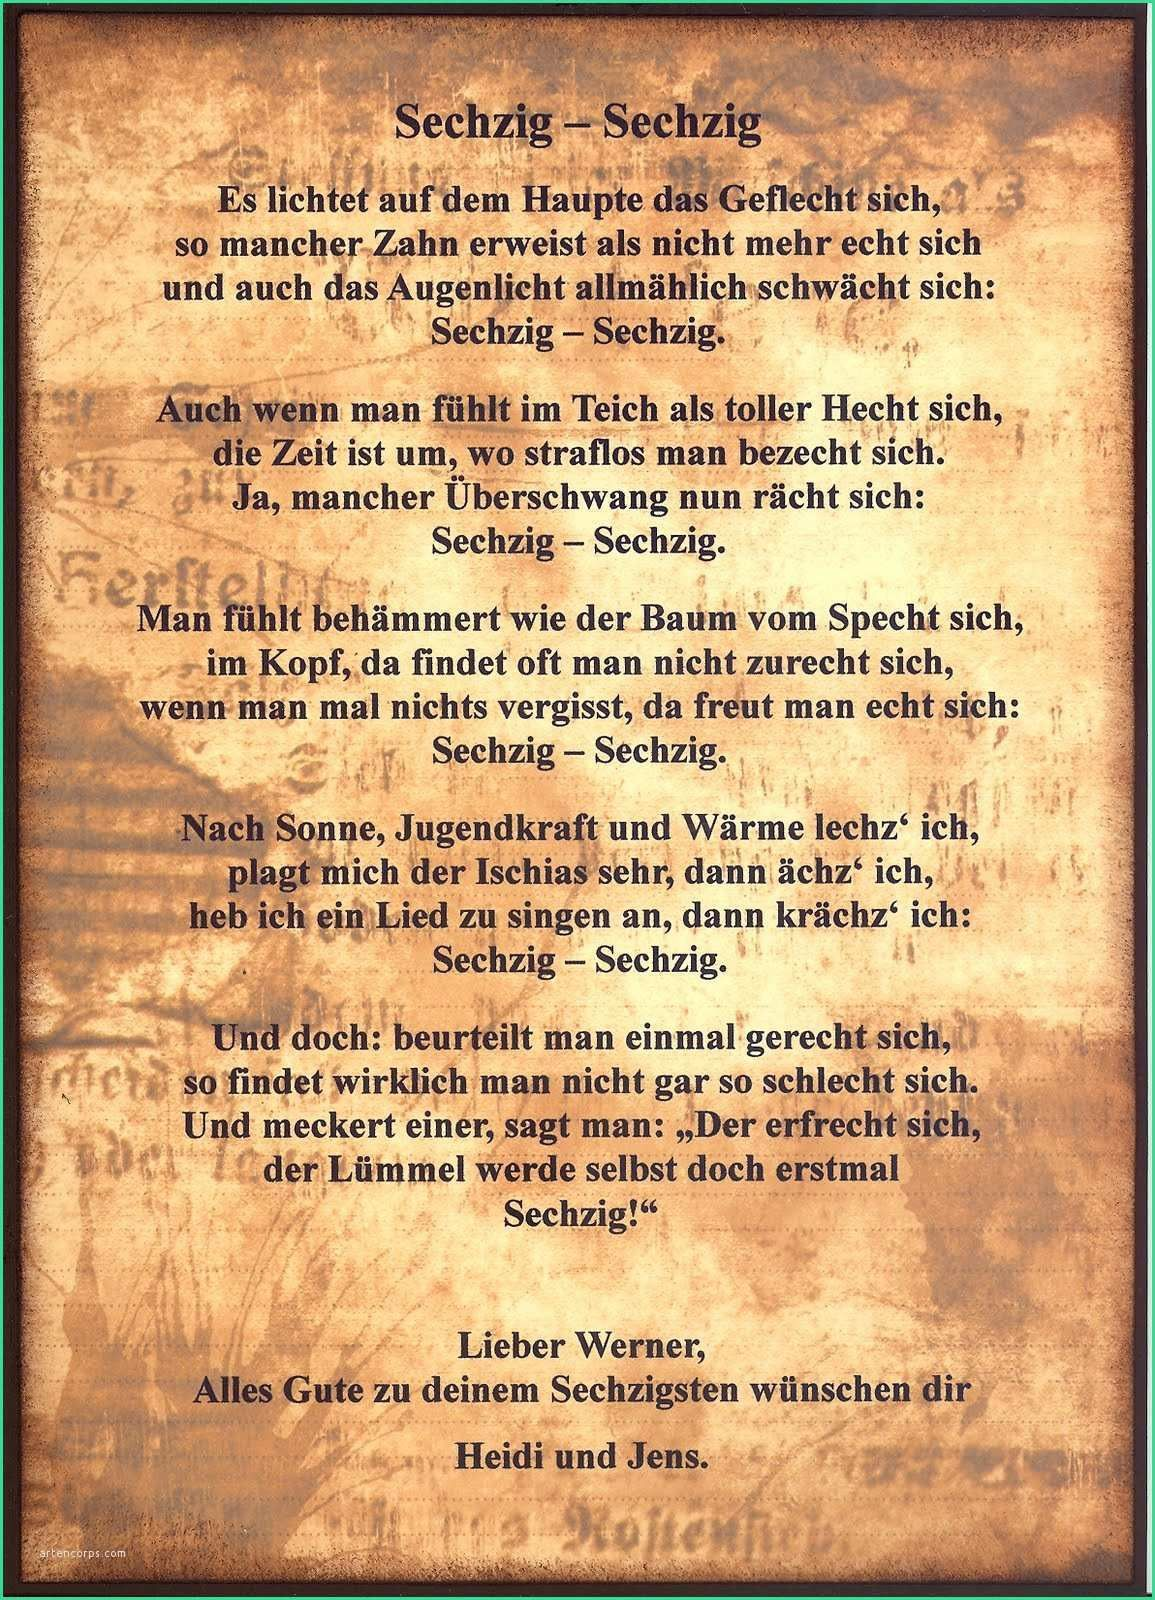 Lustige Geburtstagswunsche Fur Opa Luxury Gedicht 70 Geburtstag